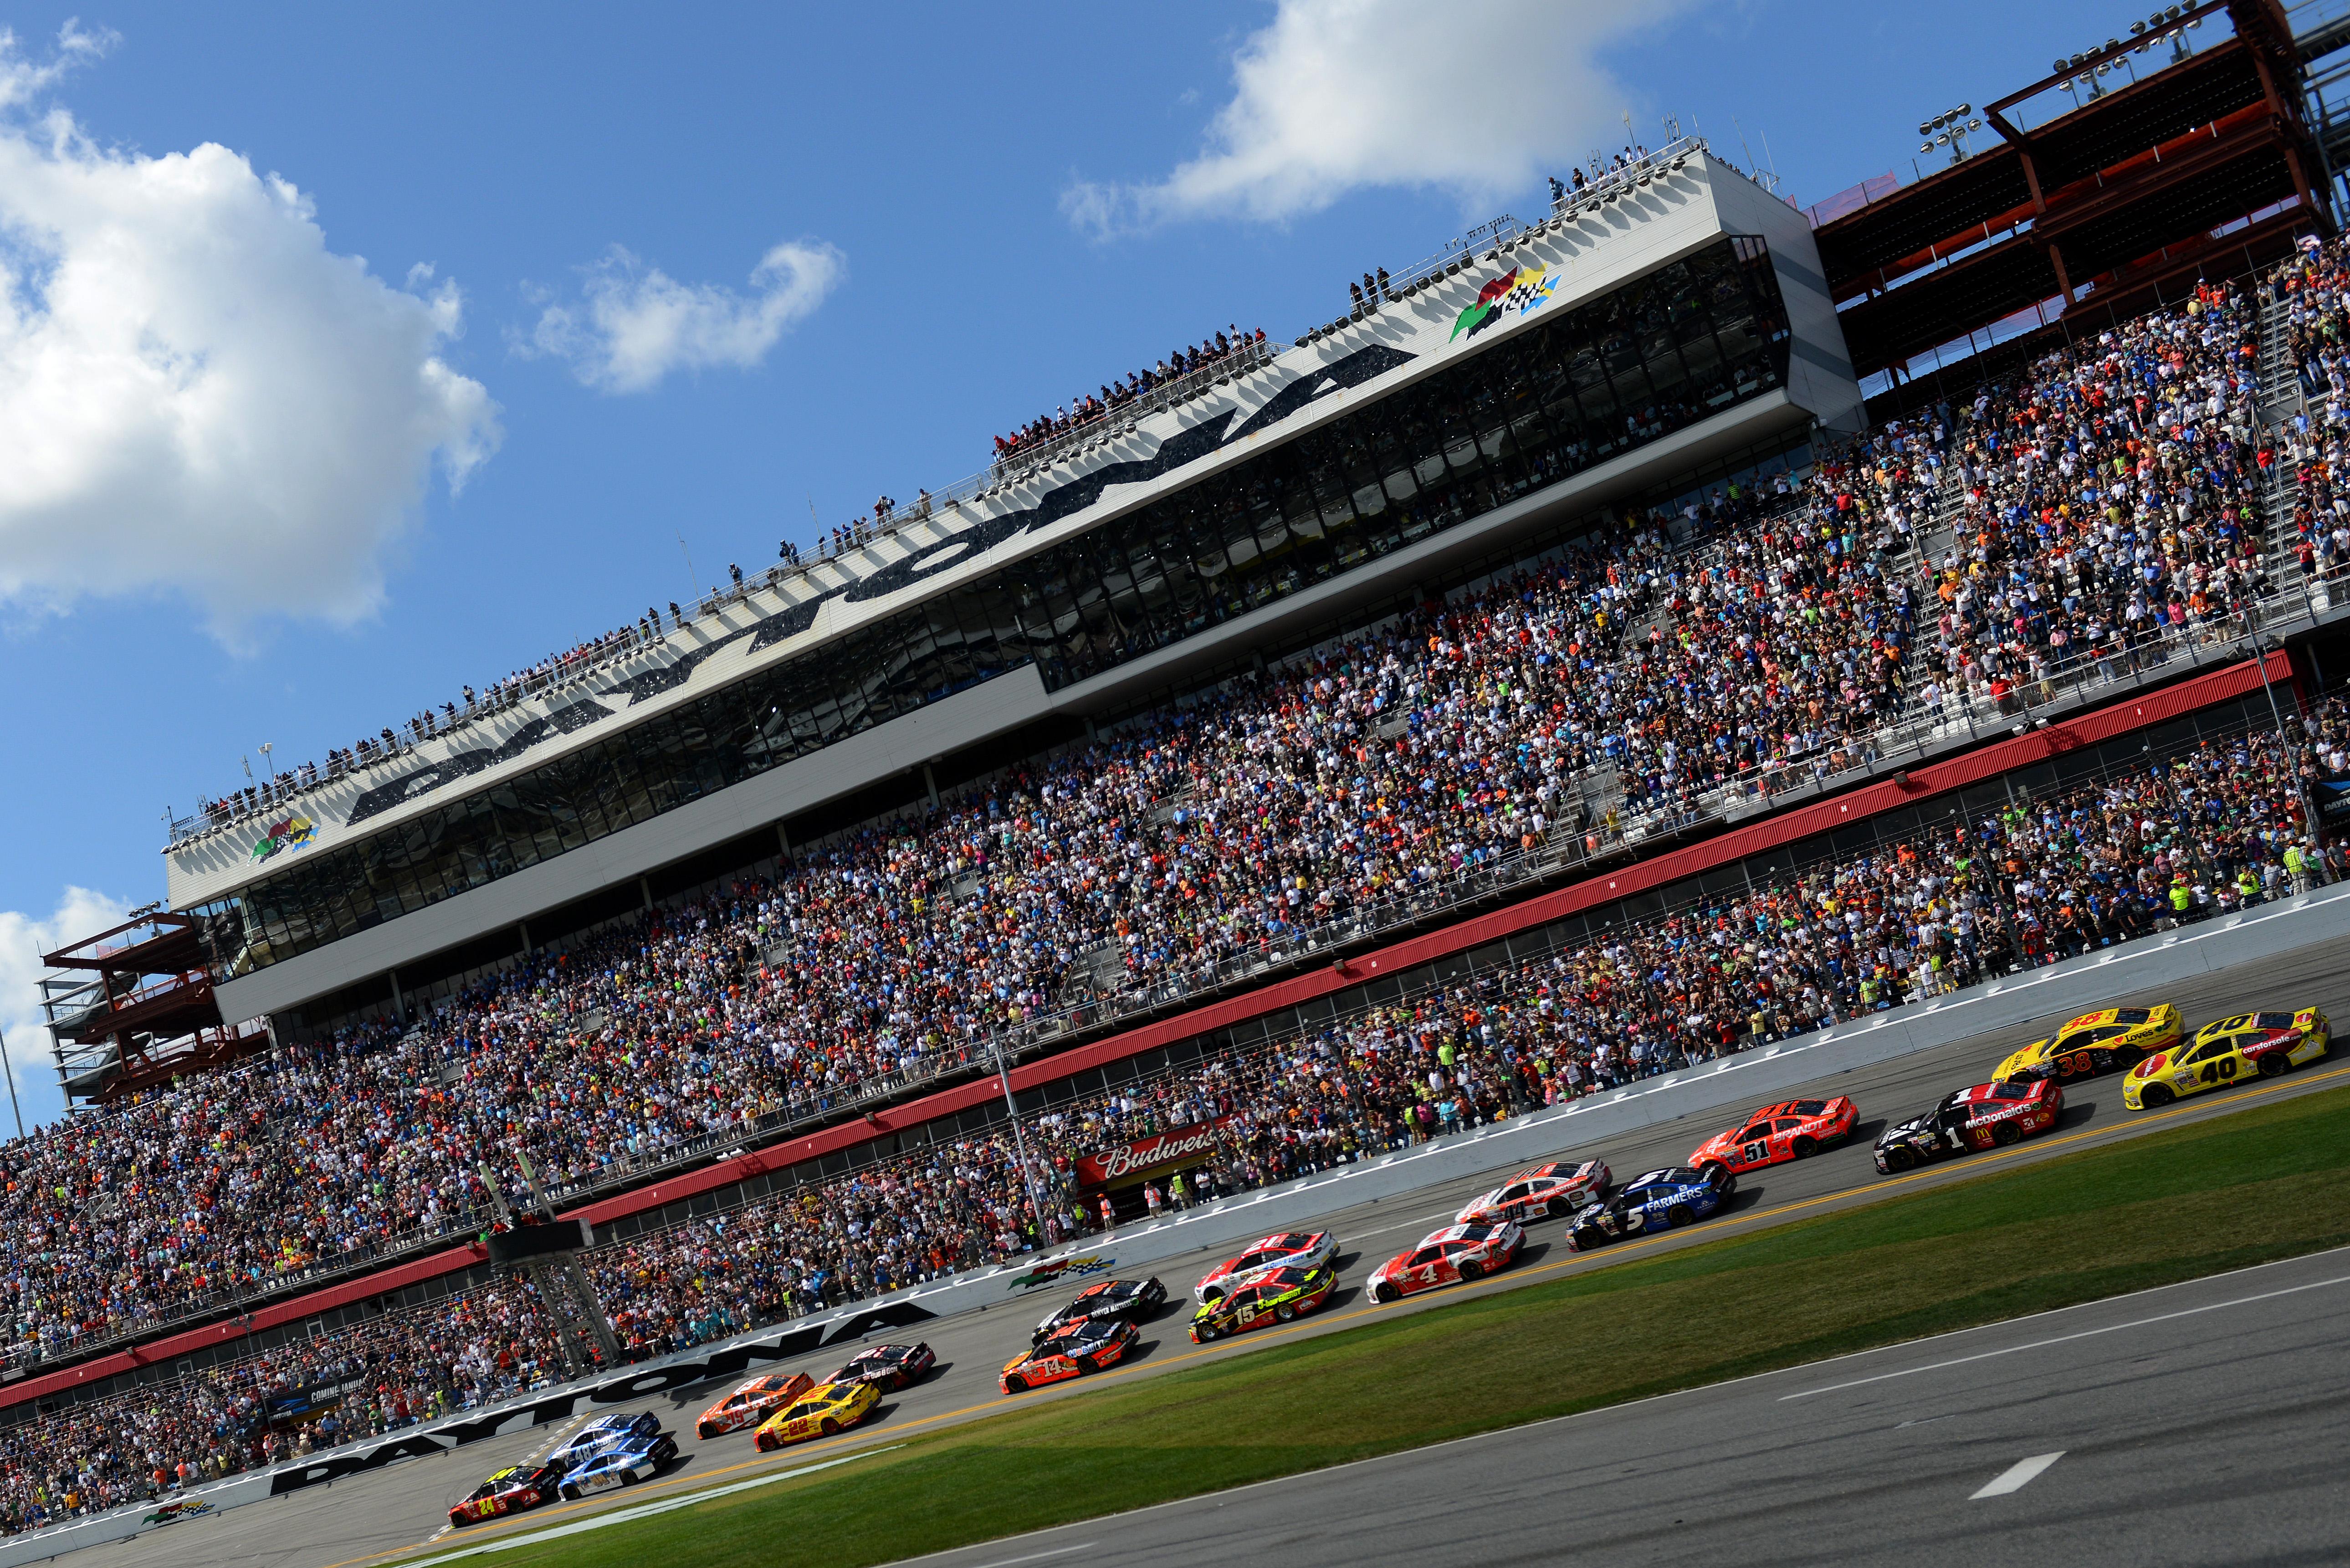 Weekend Schedule for Daytona International Speedway